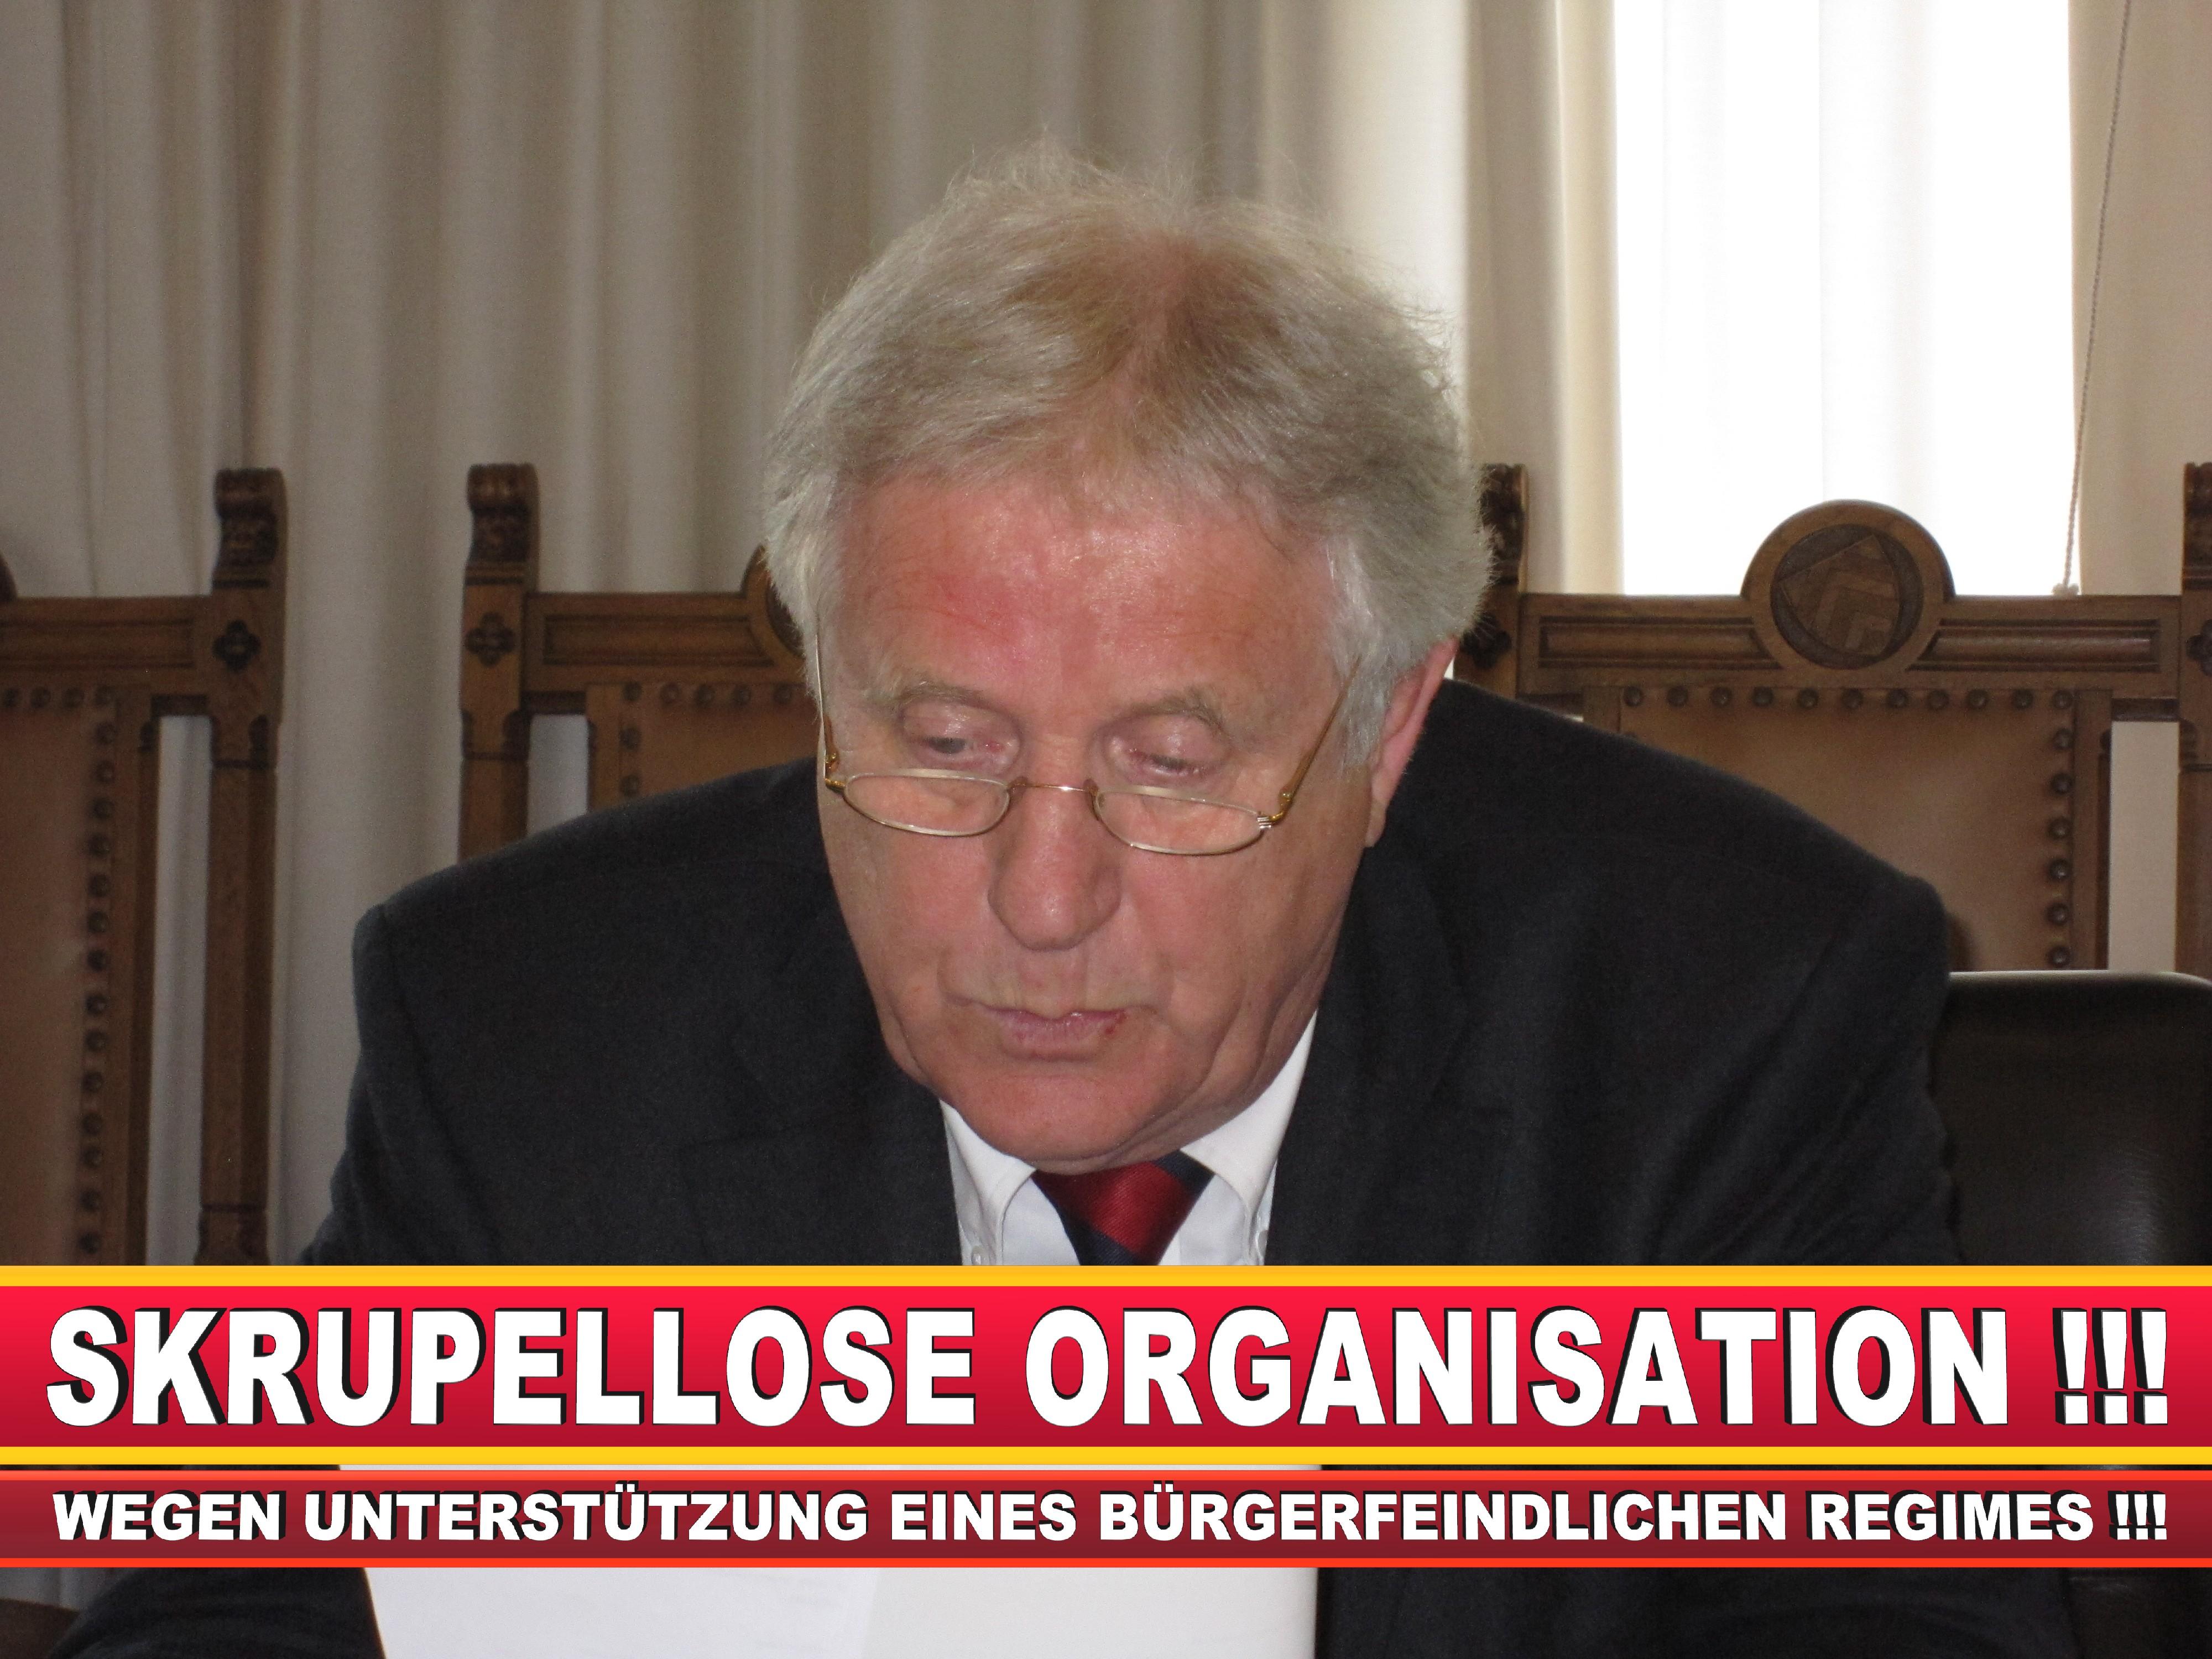 Polizeipräsident Erwin Südfeld Bielefeld Oberbürgermeister Bürgermeister Peter Clausen Pit Clausen Bielefeld (17)